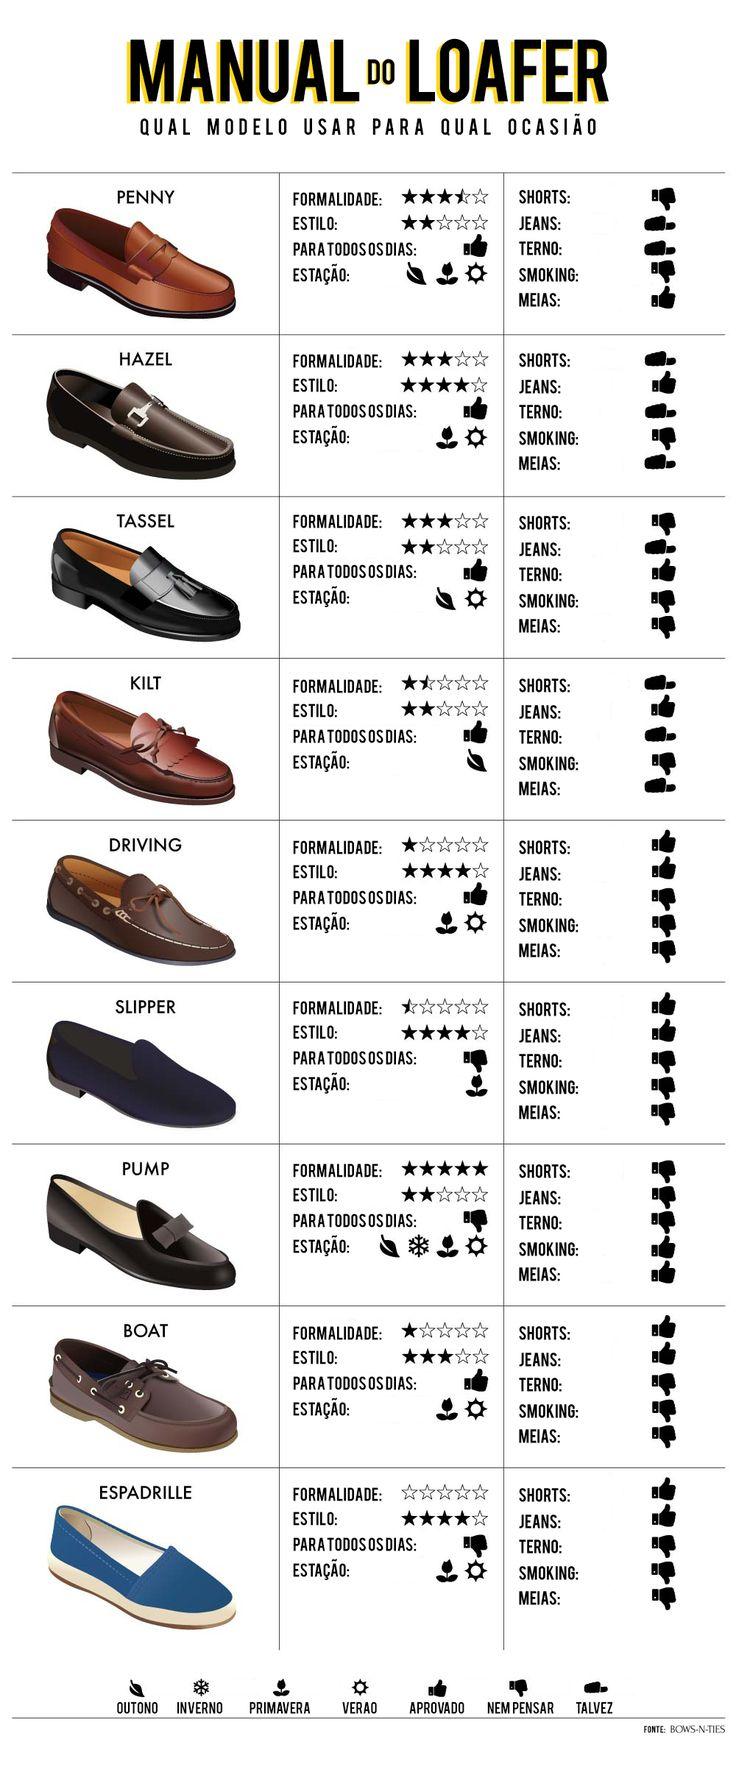 Manual do loafer, seu guia definitivo de como usar esse sapato masculino.